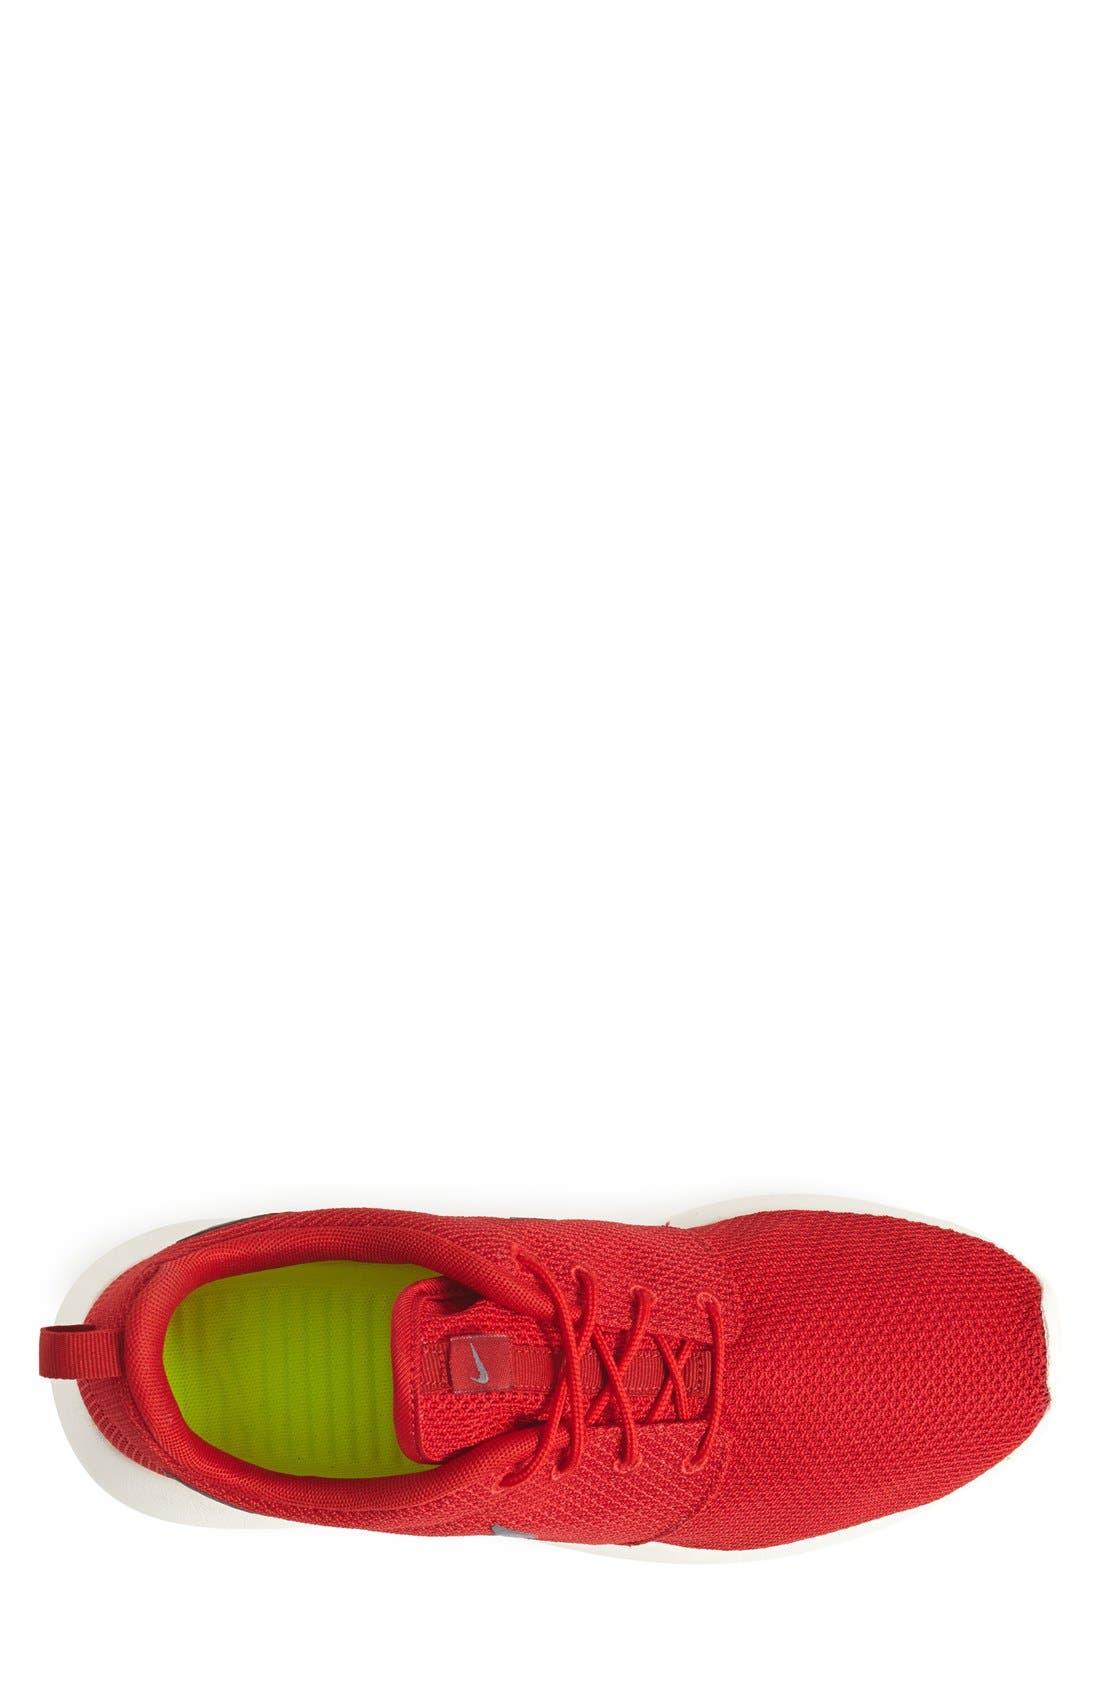 ,                             'Roshe Run' Sneaker,                             Alternate thumbnail 126, color,                             601